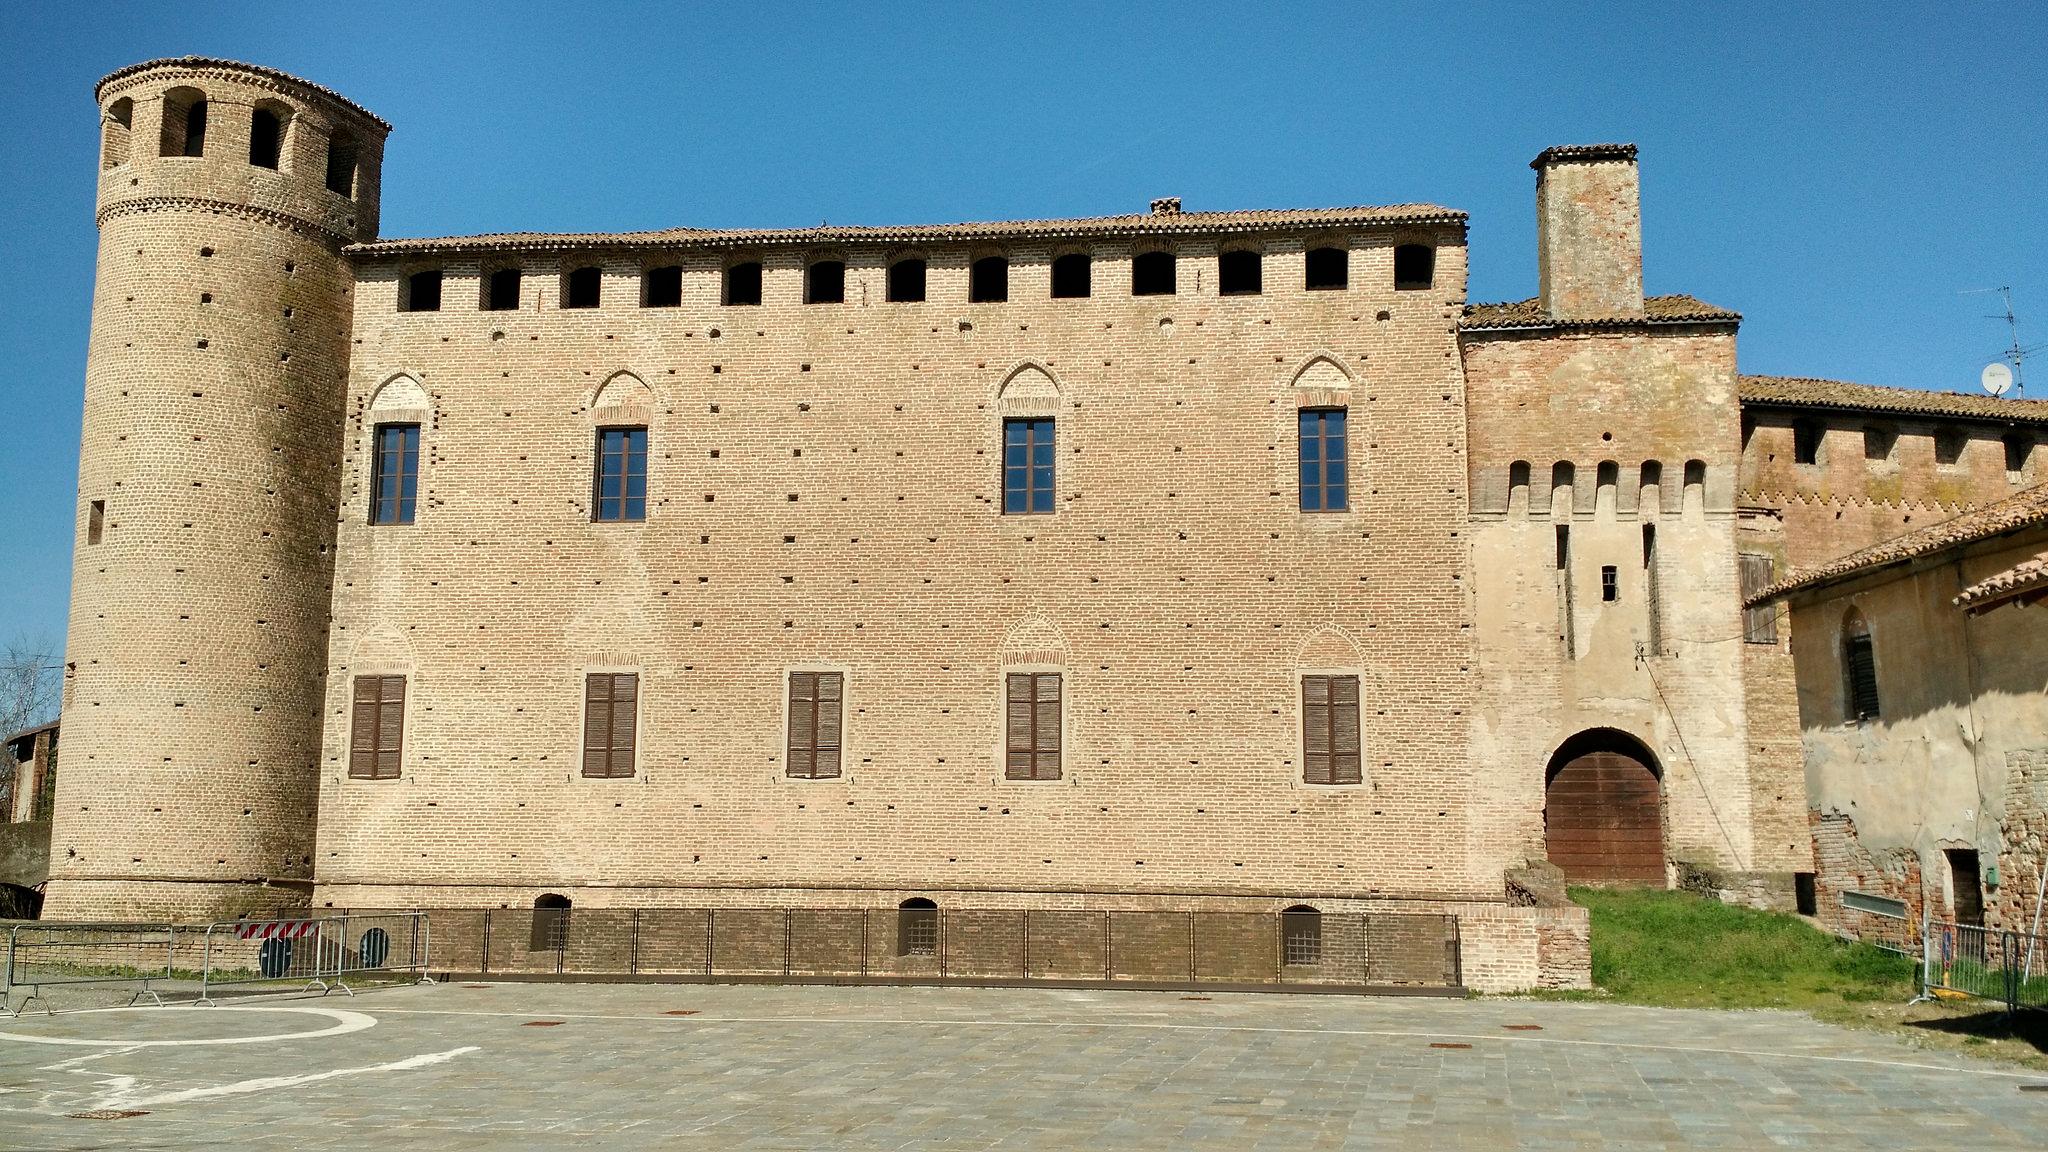 CASTELLO DI CALENDASCO